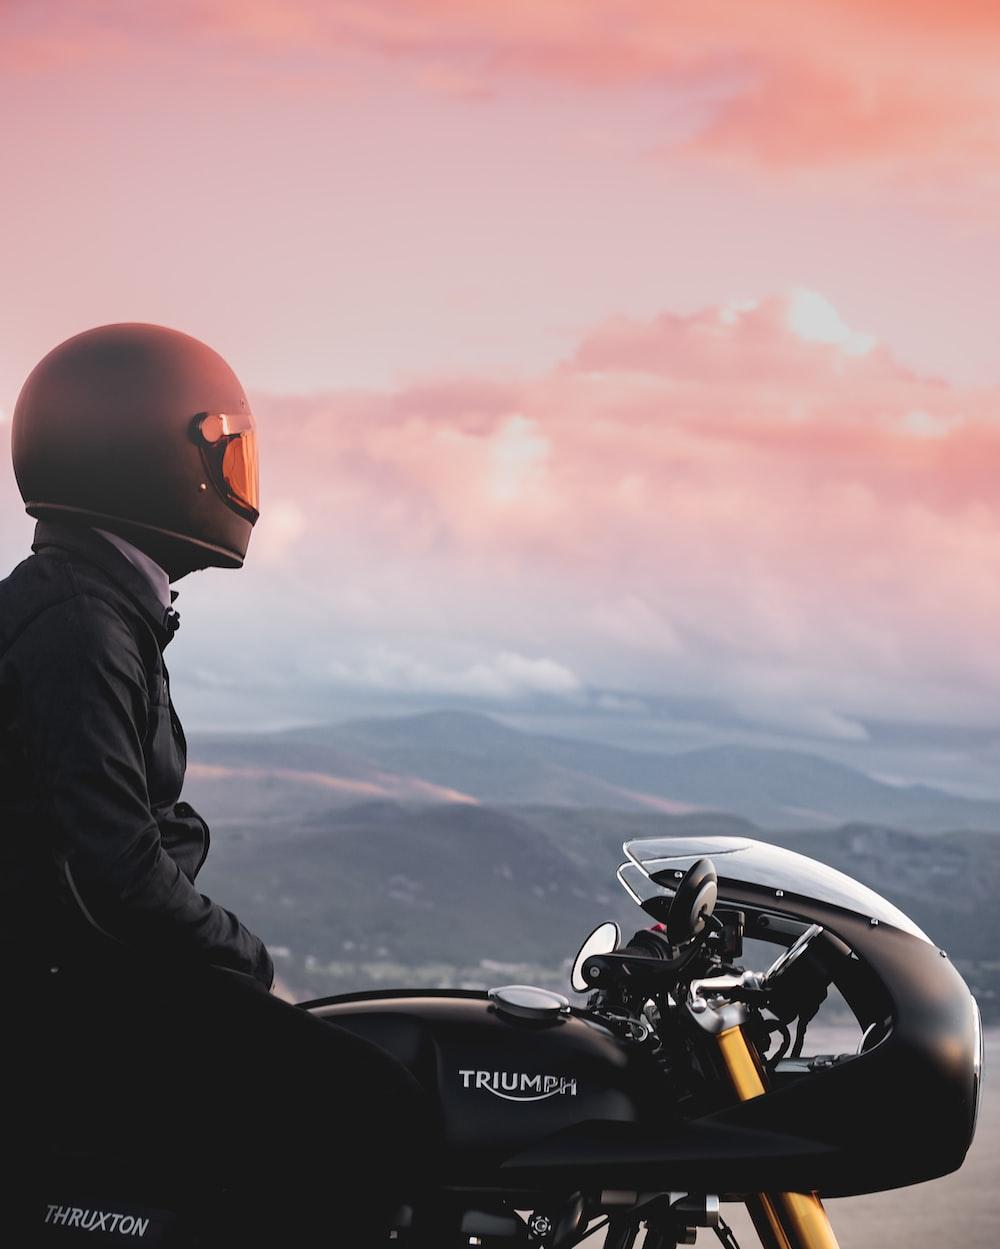 man in black jacket and orange helmet riding black motorcycle